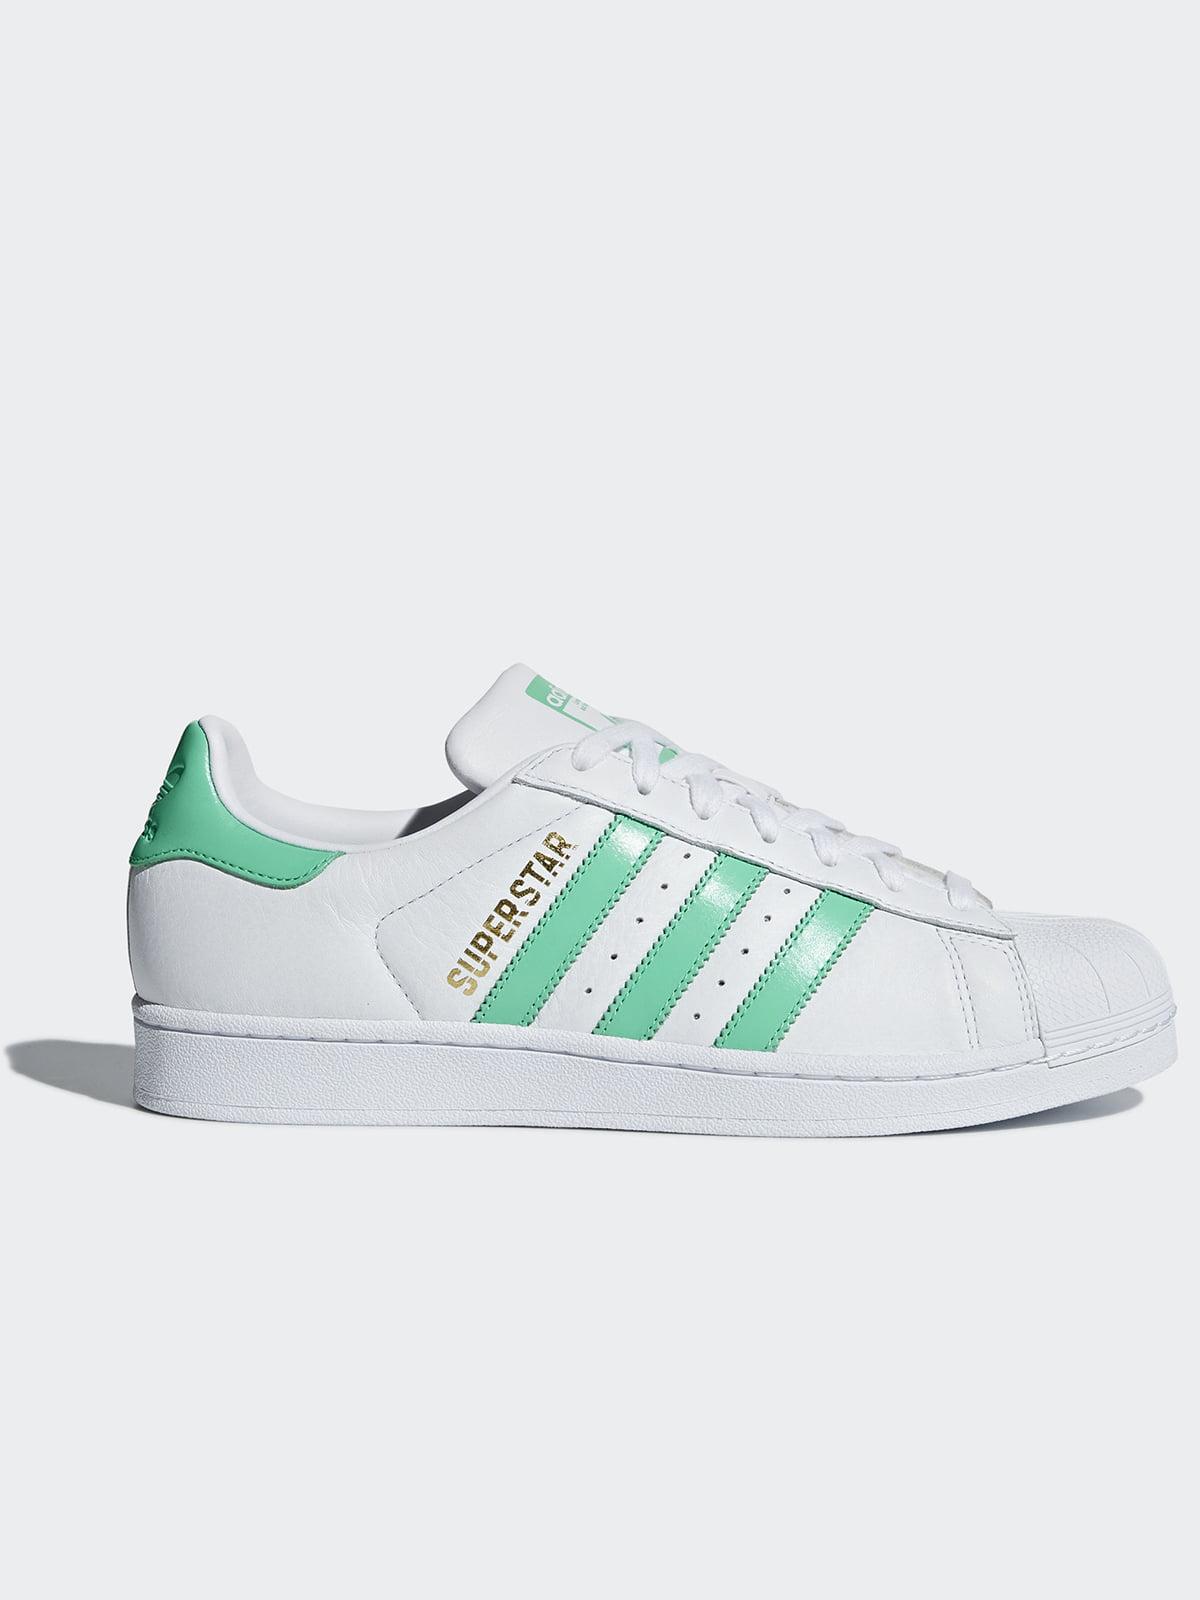 460d56259 Кроссовки белые — Adidas Originals, акция действует до 4 ноября 2018 ...